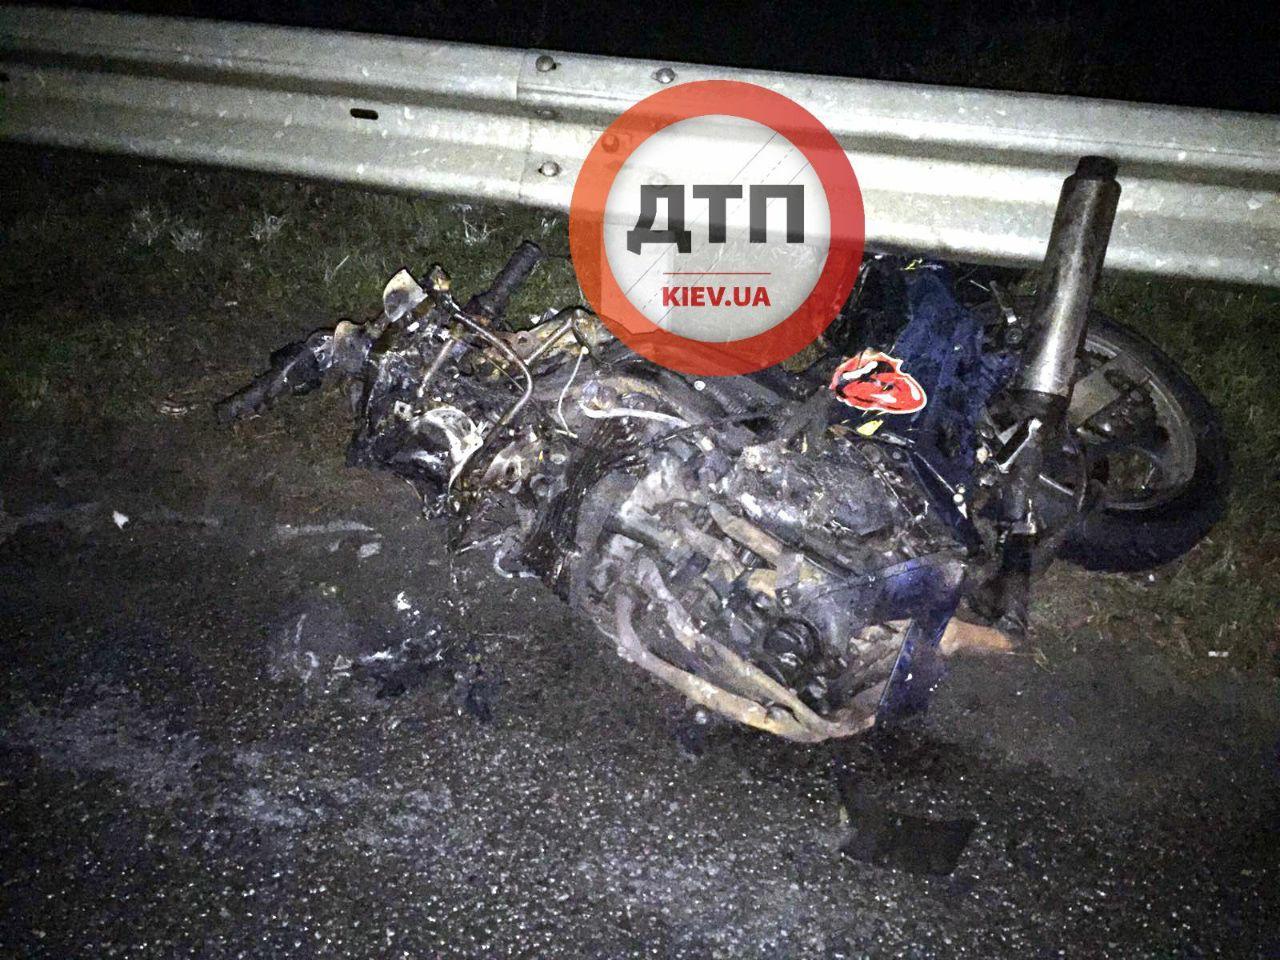 Ночная ДТП с мотоциклом под Киевом:  байкер и его пассажирка погибли мгновенно – груда металла и фрагменты тел - today.ua